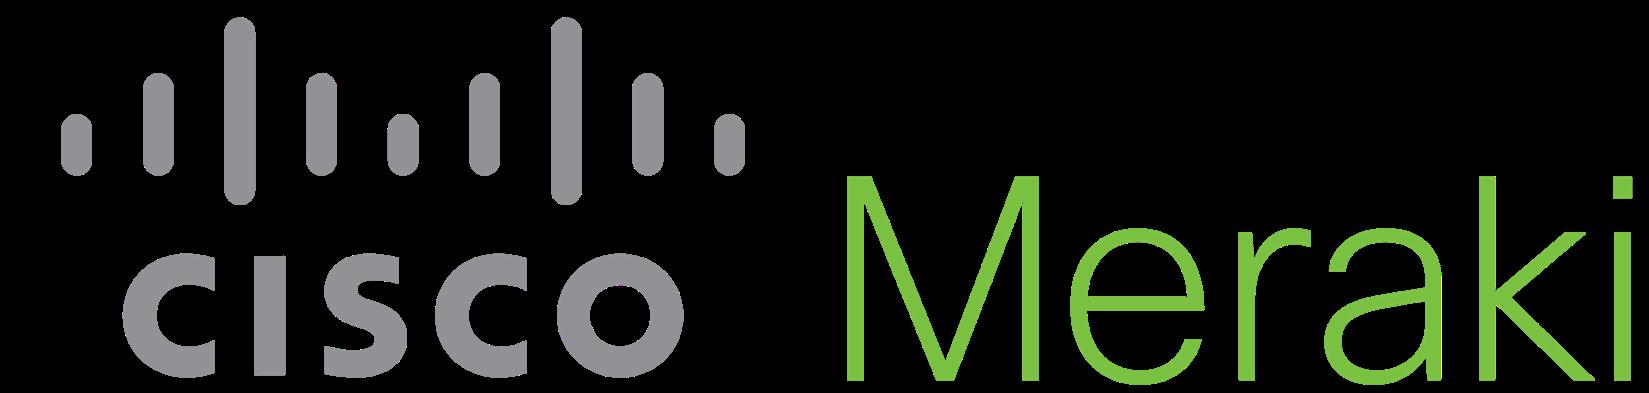 CISCO Meraki Firewall logo